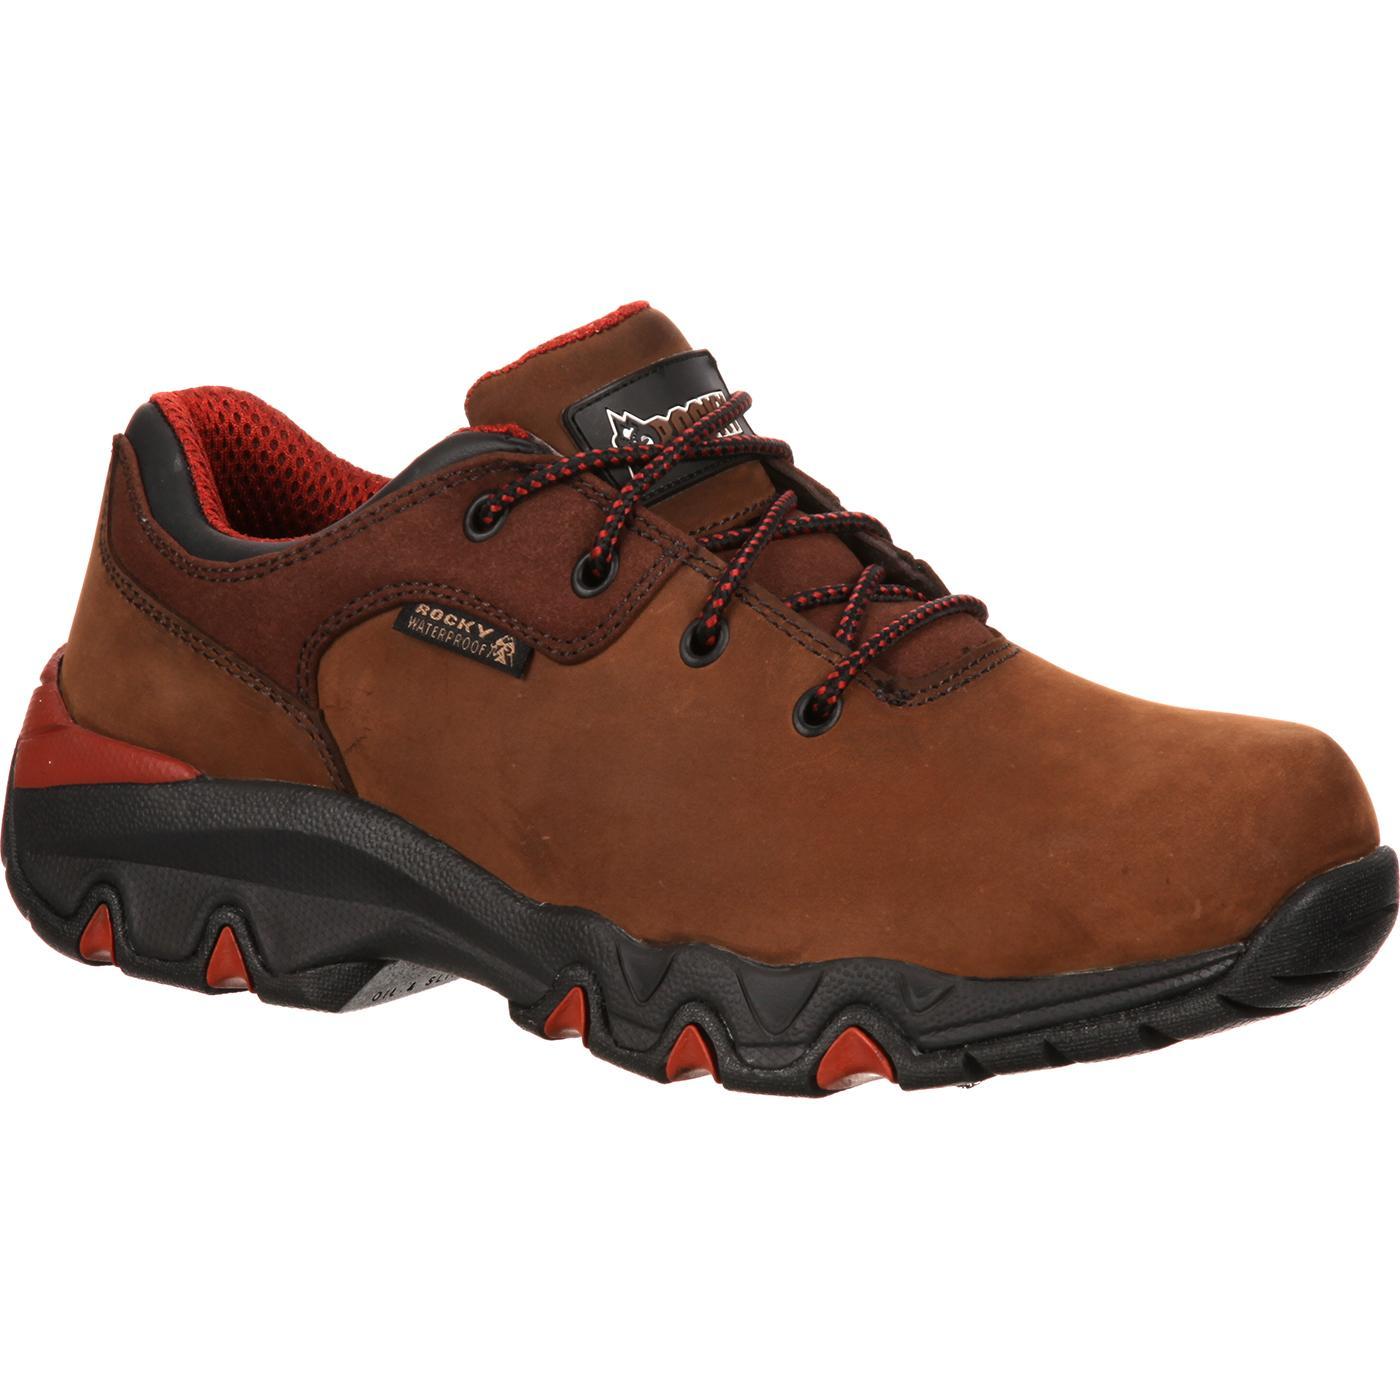 Calzado de trabajo oxford impermeable bigfoot rocky n - Calzado de trabajo ...